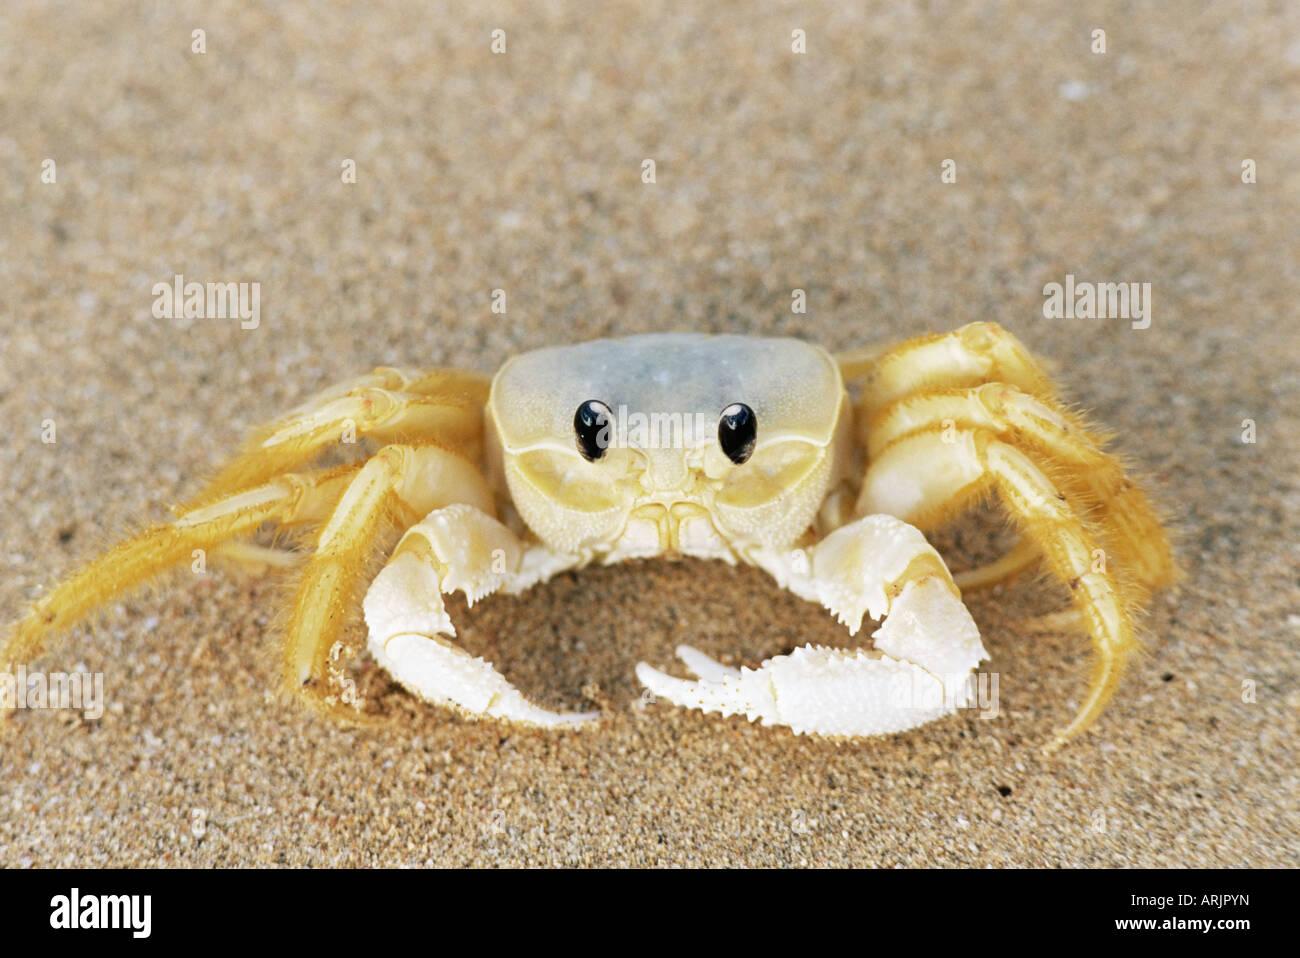 Ghost crab (sand crab), Genus ocypode, Parque Nacional de Fernando de Noronha, Fernando de Noronha, Pernambuco, - Stock Image